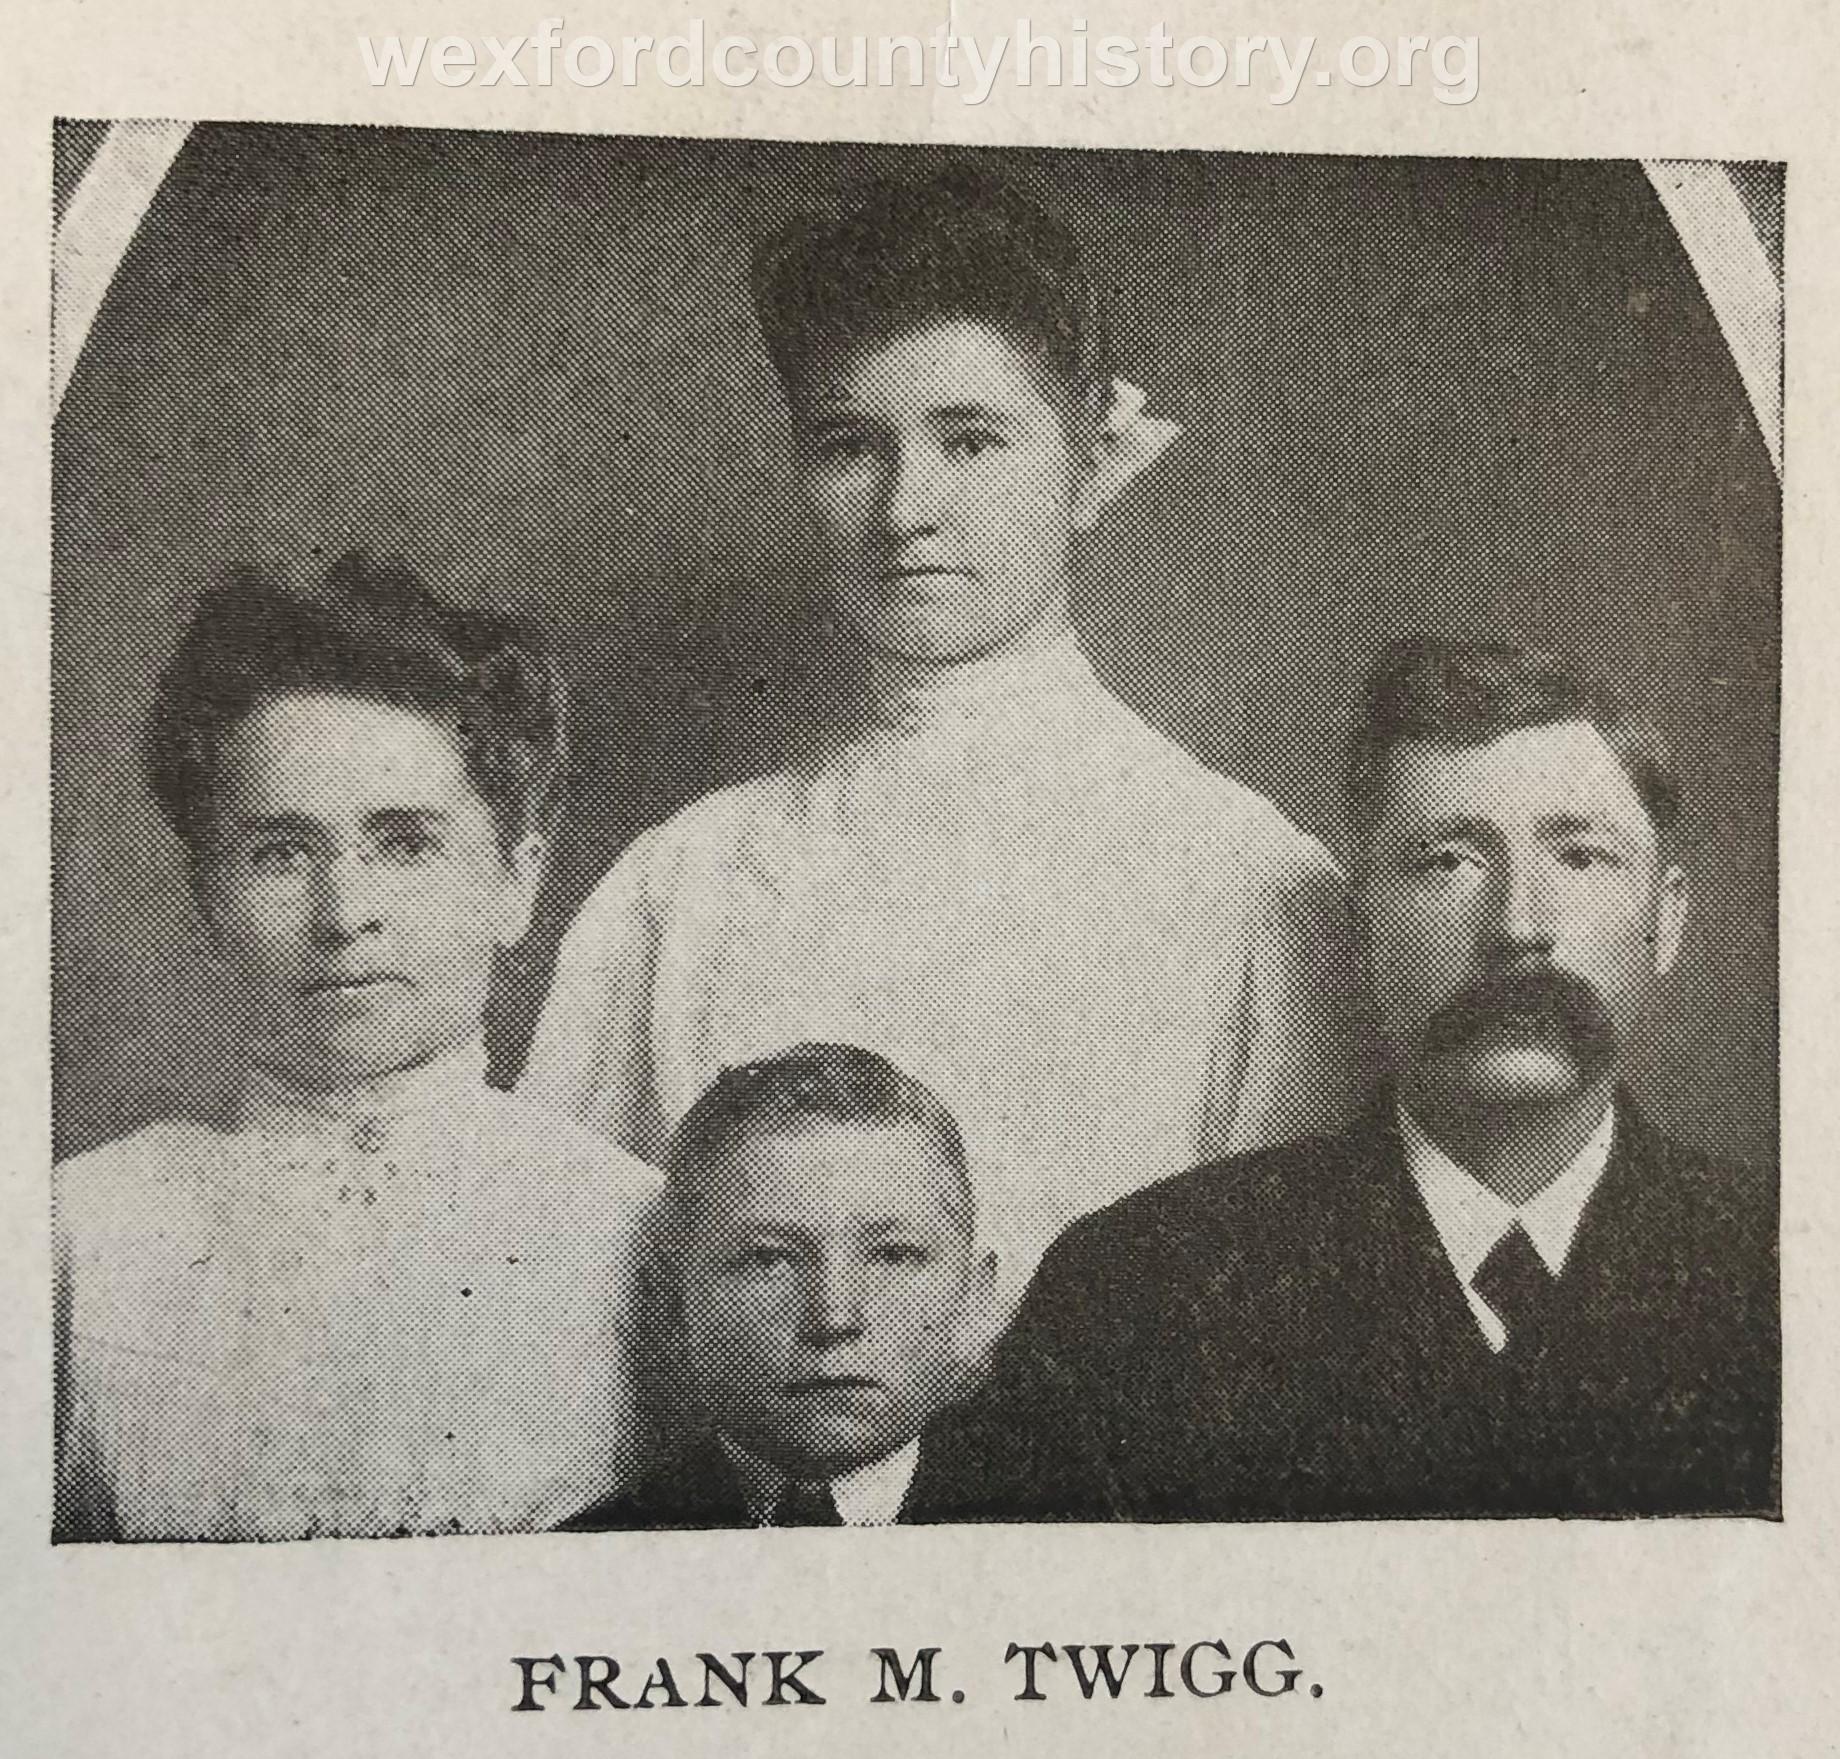 Frank W. Twigg